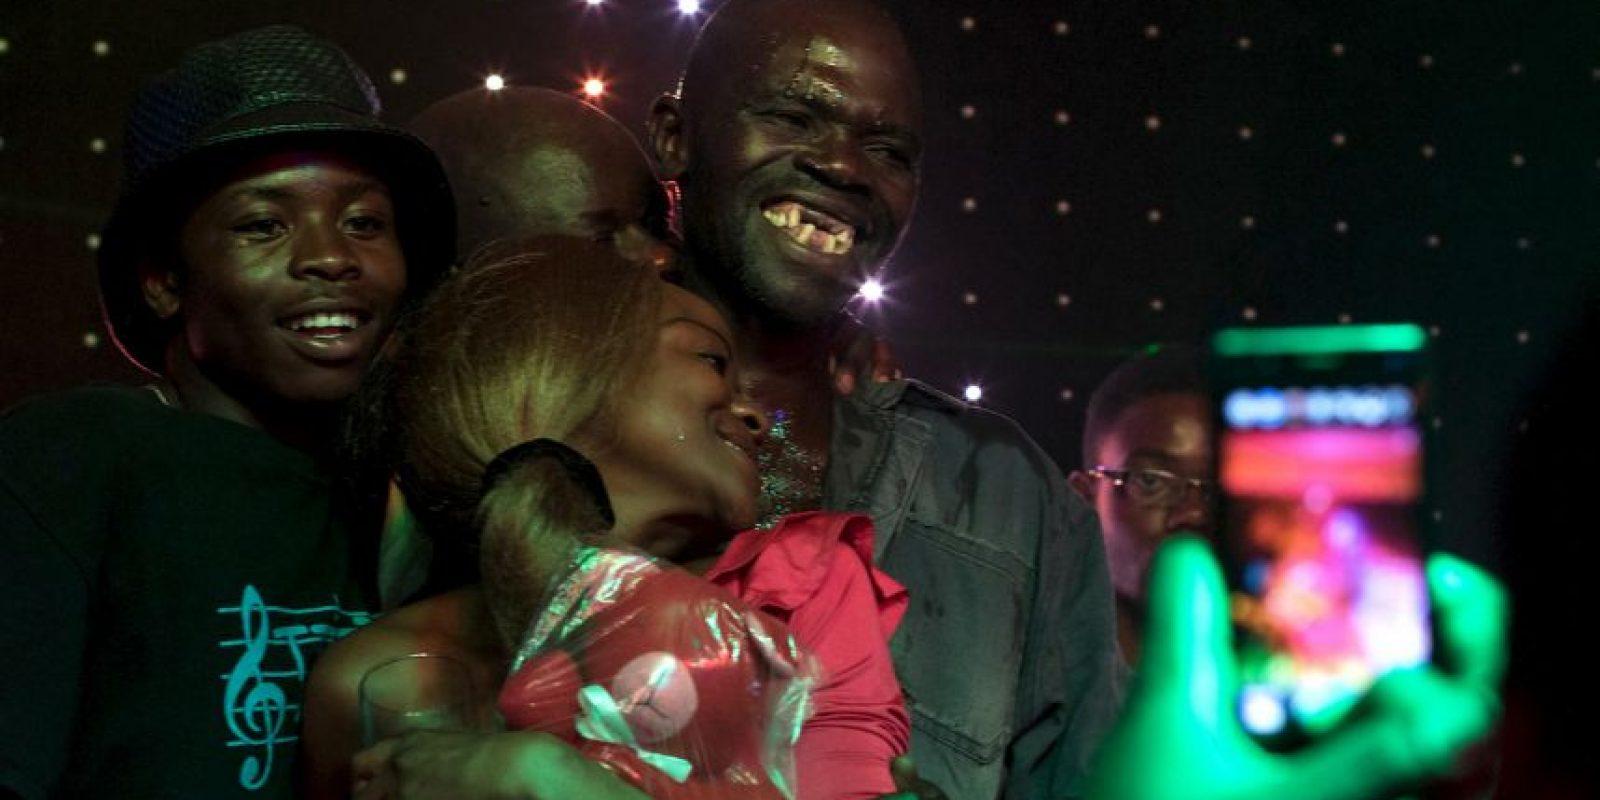 """""""¿Acaso debemos perder nuestros dientes para ganar? Esto es trampa"""", alegó otro concursante. Foto:AFP"""